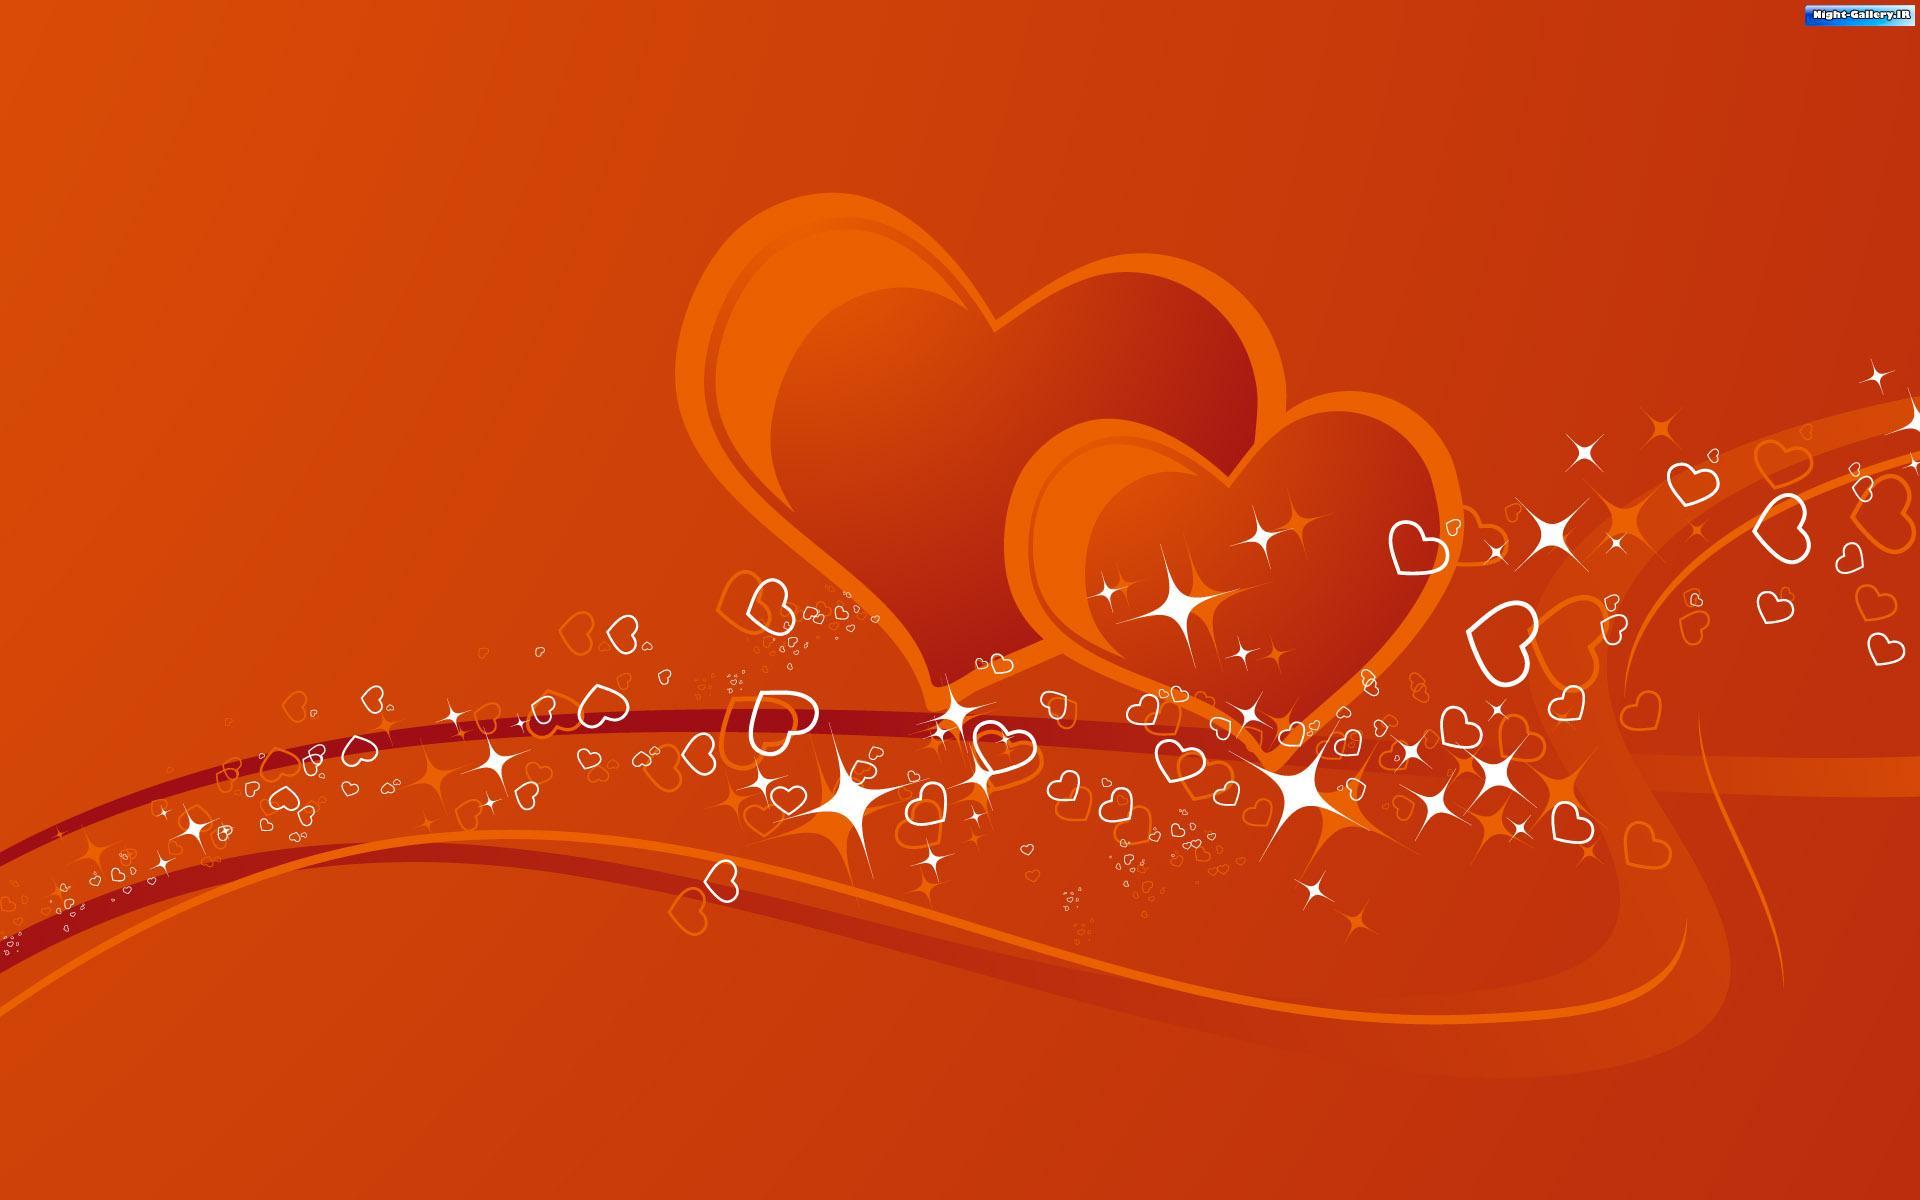 عکس هنری,گالری عکس نایت اسکین,نایت گالری,عکس عاشقانه,عکس فانتزی,عکس وبلاگ,عکس زیبا